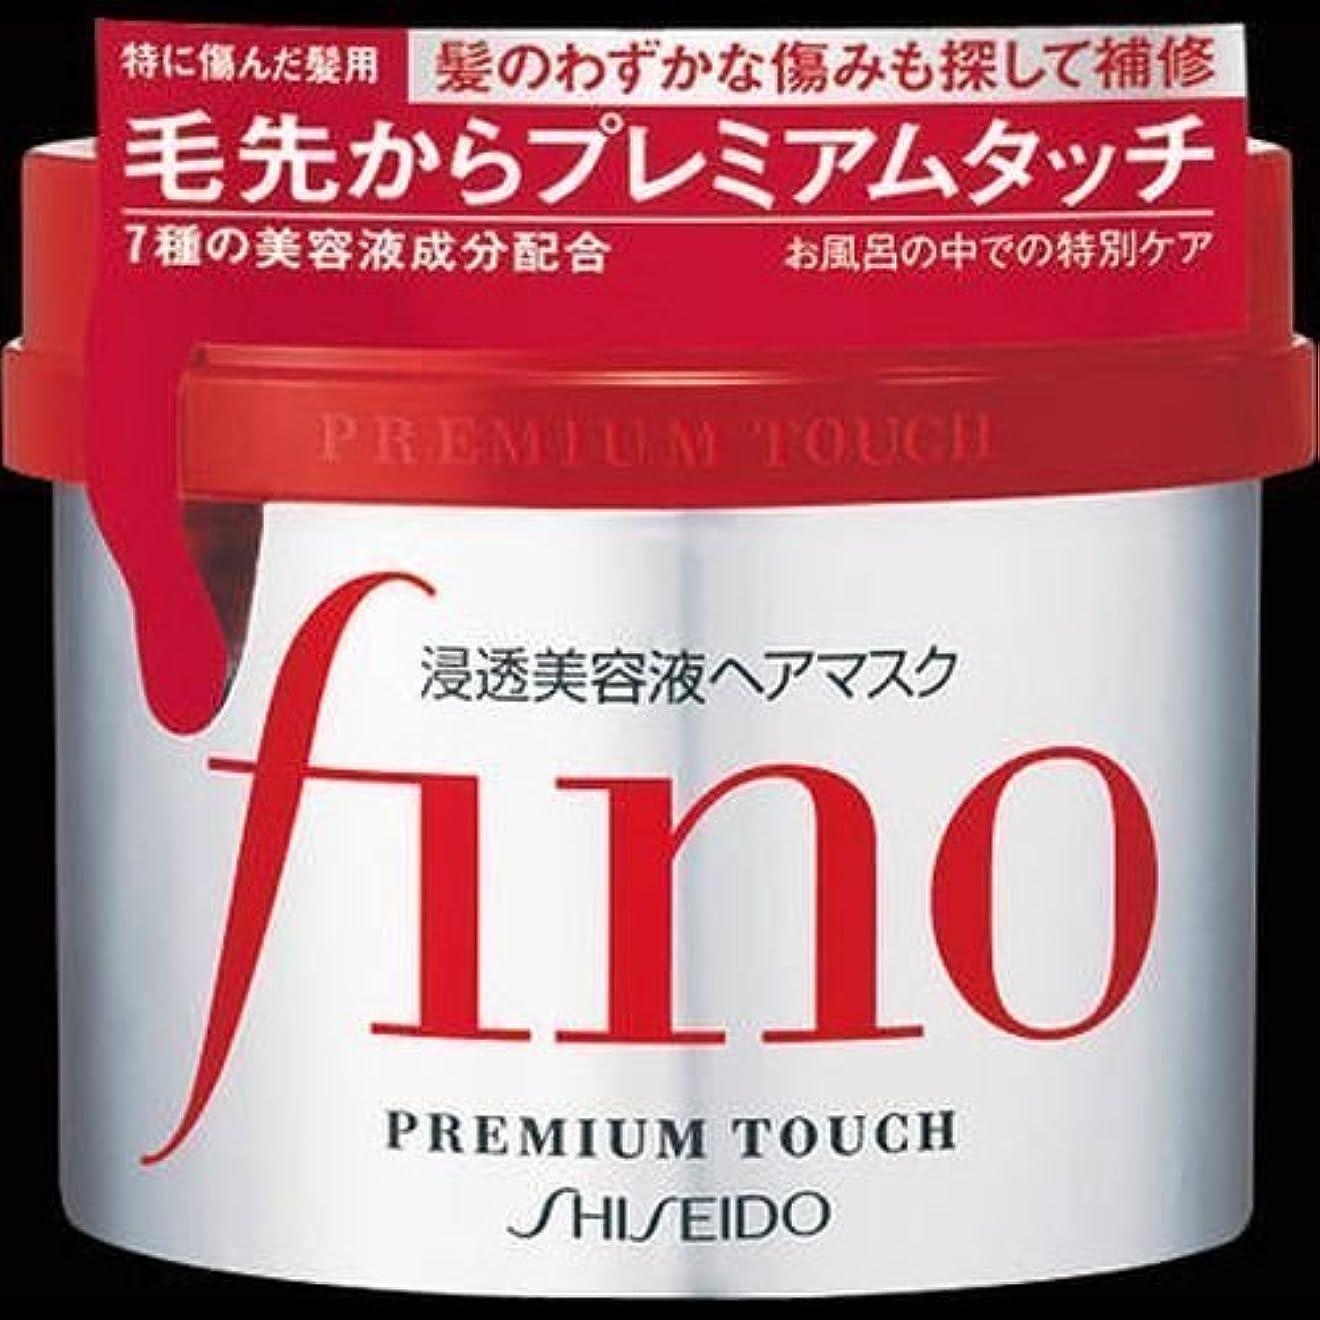 最も遠いタンカーいつも【まとめ買い】フィーノ プレミアムタッチ 浸透美容液 ヘアマスク 230g ×2セット